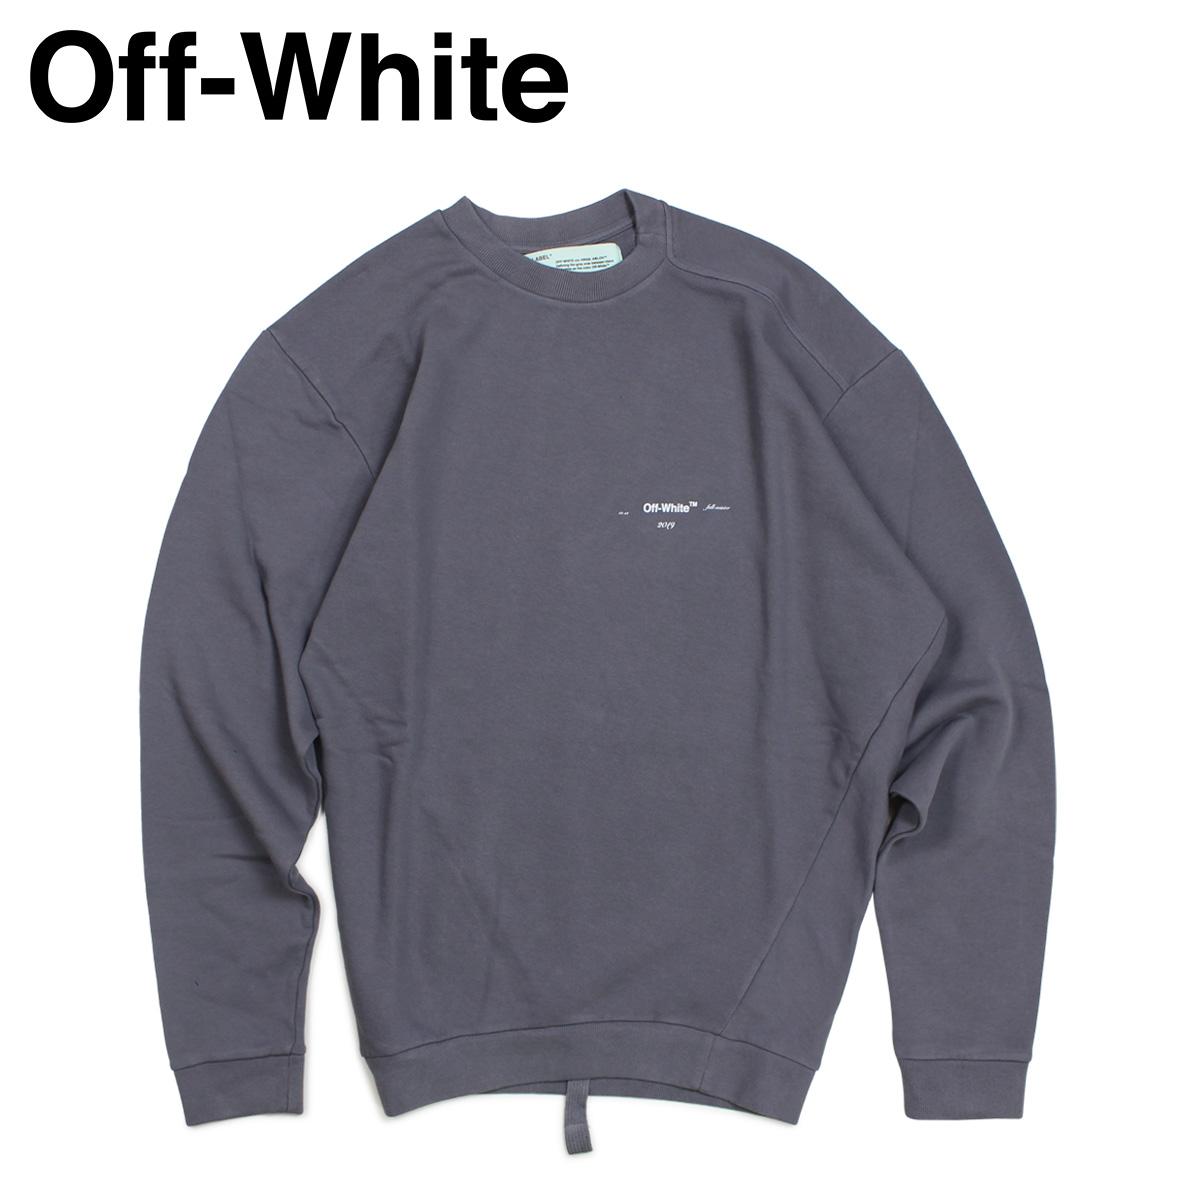 Off-white オフホワイト トレーナー スウェット メンズ COTTON SWEAT SHIRTS グレー OMBA031 192004